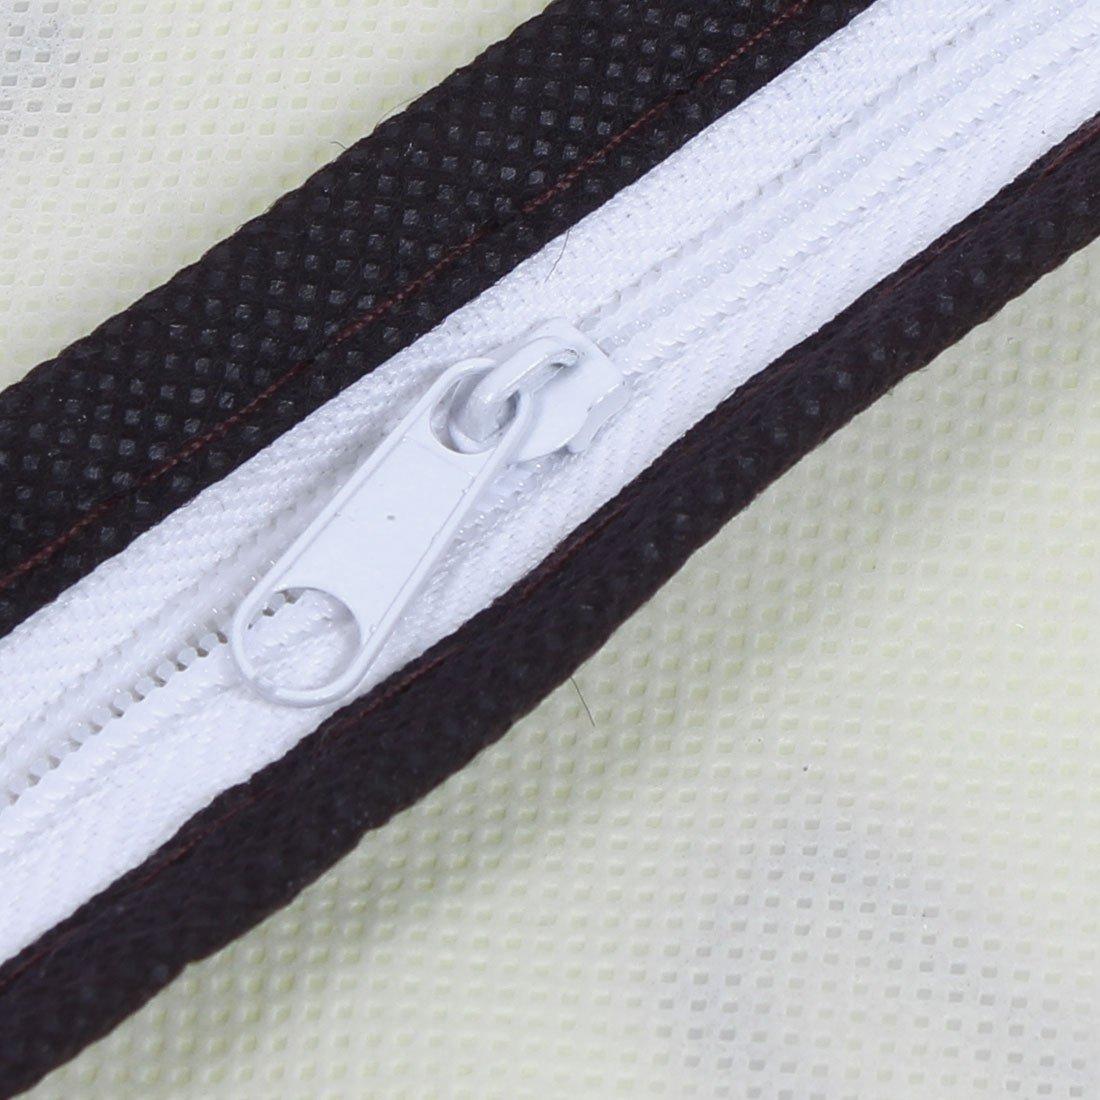 Amazon.com: eDealMax Chaqueta de Traje de ropa de Abrigo colgado a prueba de polvo cubierta protectora de la Bolsa de 88cm de Largo Beige: Home & Kitchen